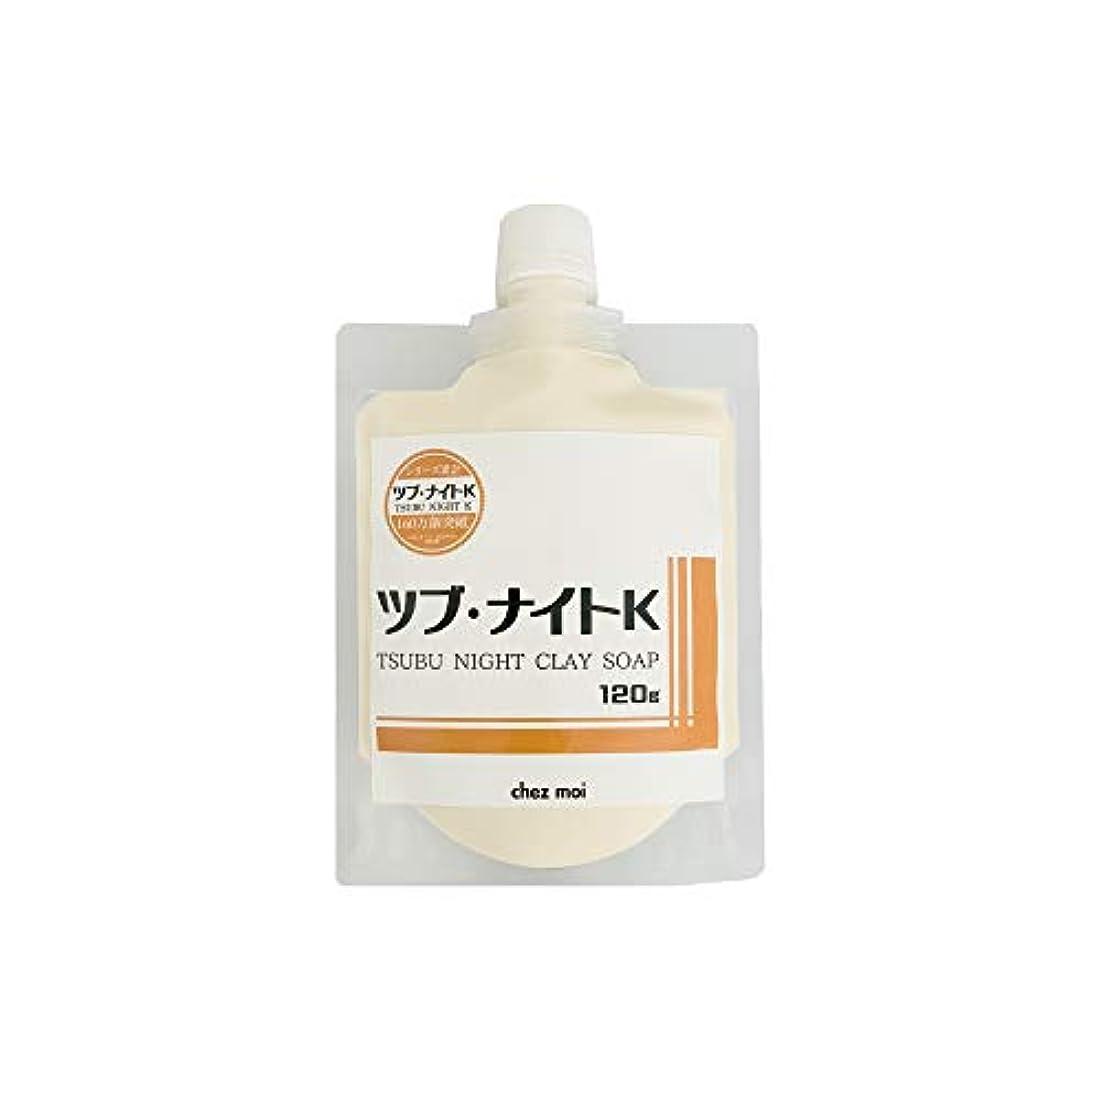 レシピ無条件ブレースシェモア ツブ?ナイトK クレイソープ 洗顔 120g